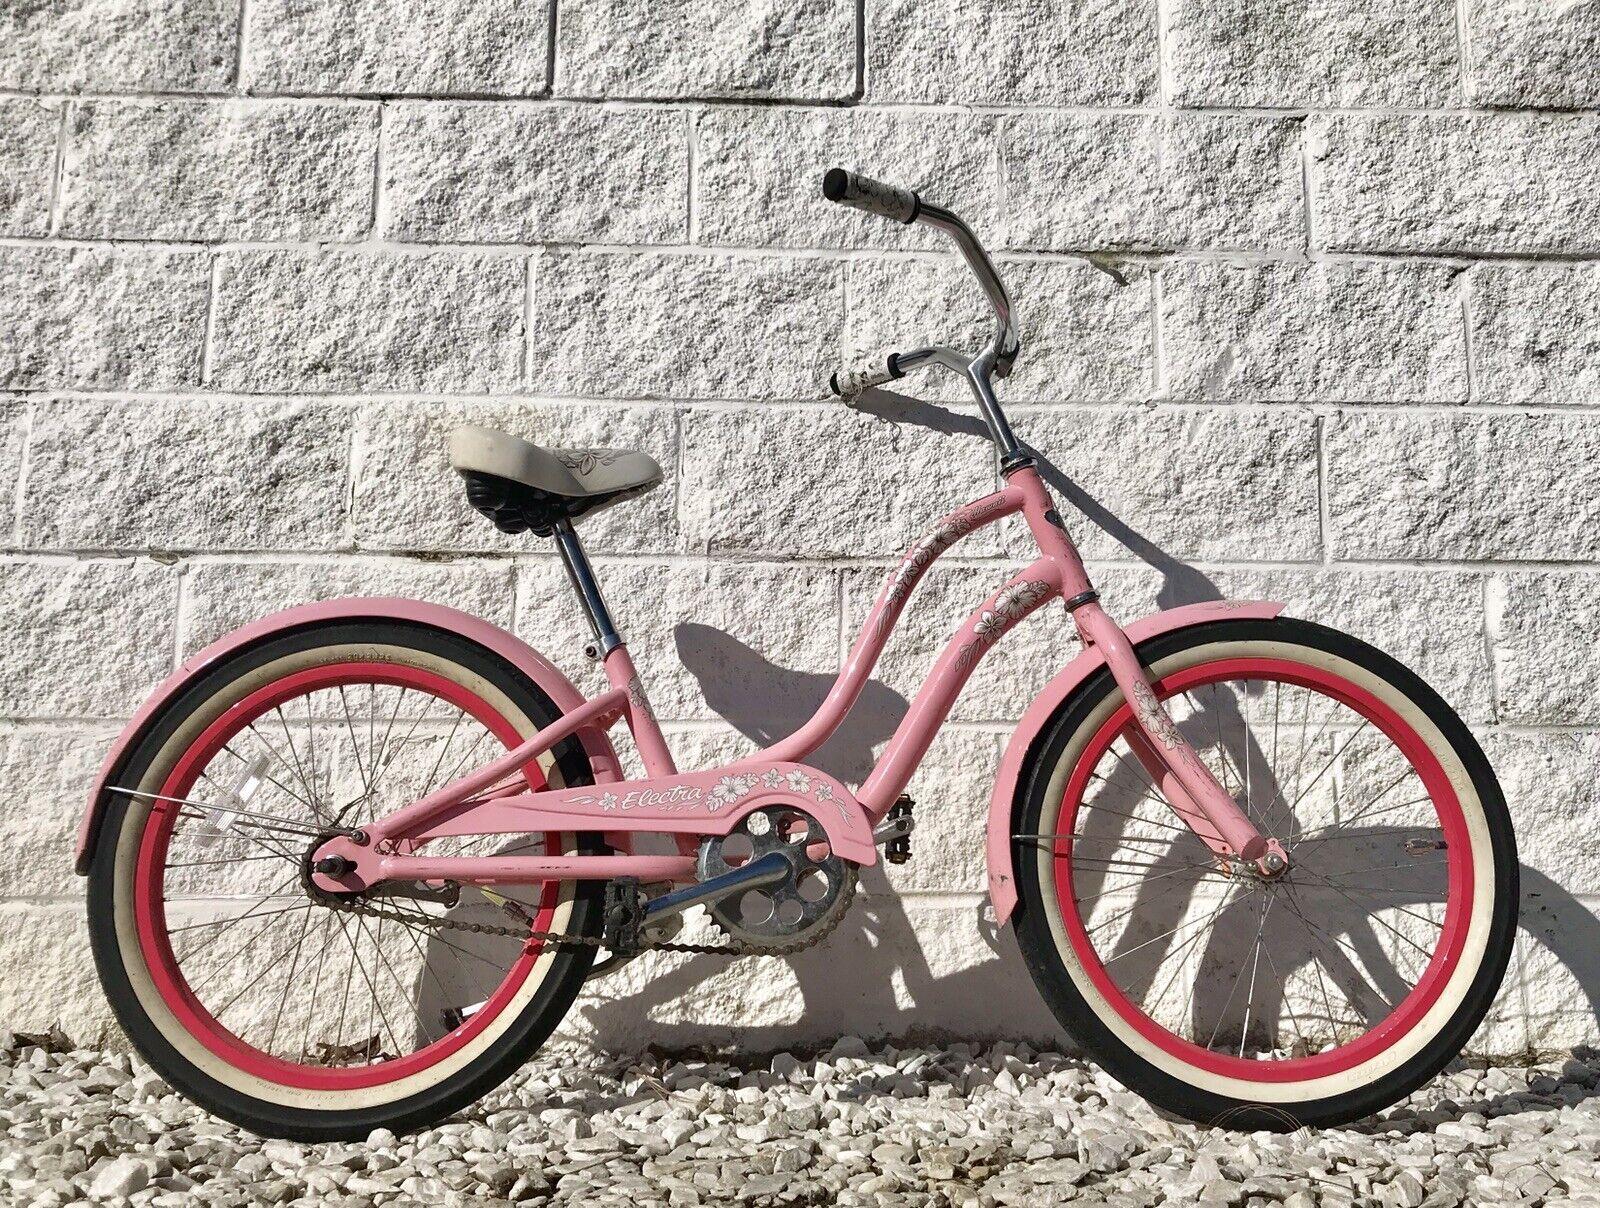 Electra Hawaii Niños Jóvenes Playa Crucero Bicicleta  rosado  20  ruedas  Lindo